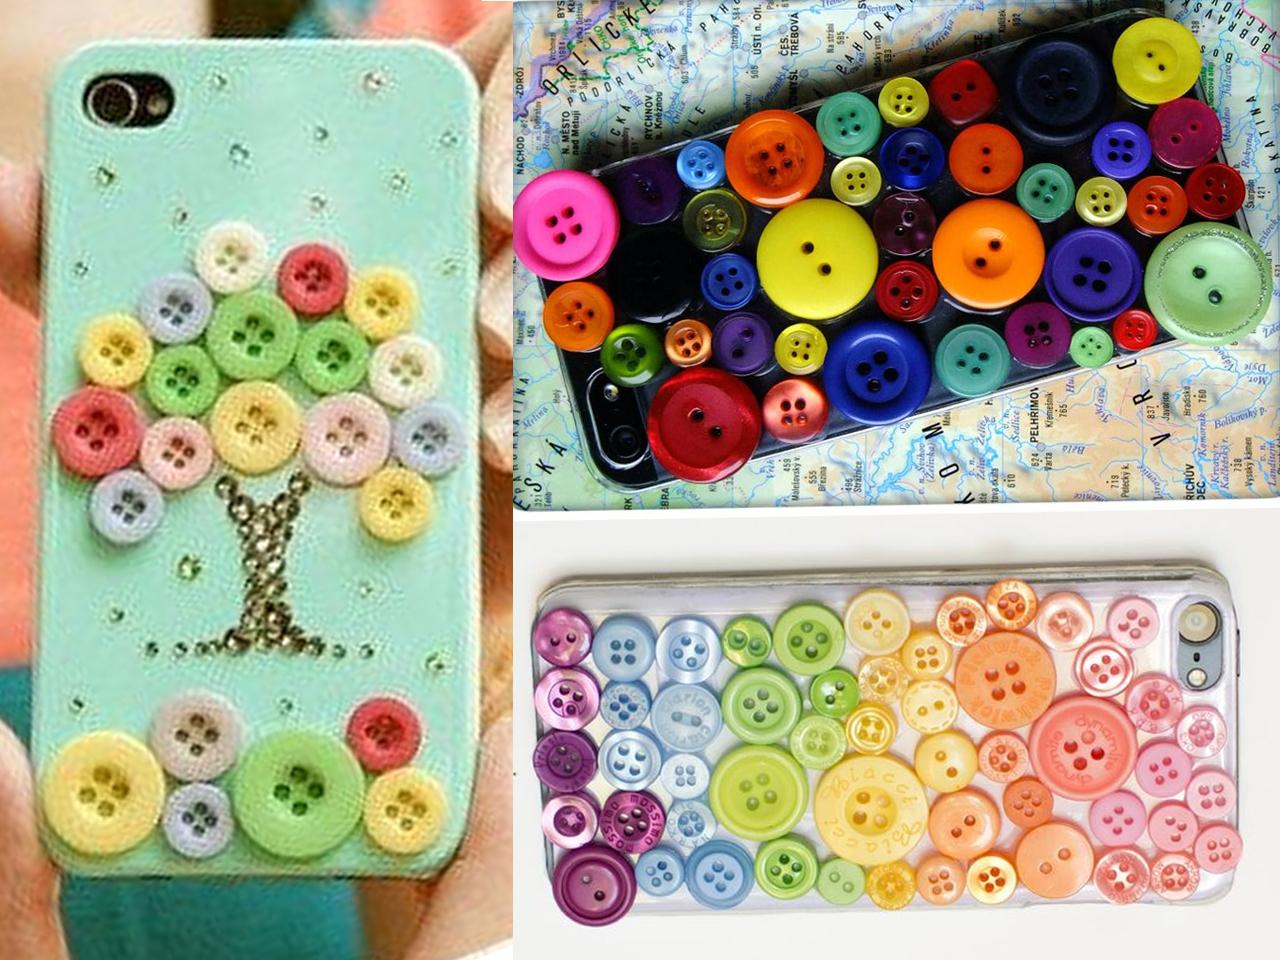 M s de 150 manualidades con botones de colores - Como hacer una manualidad ...